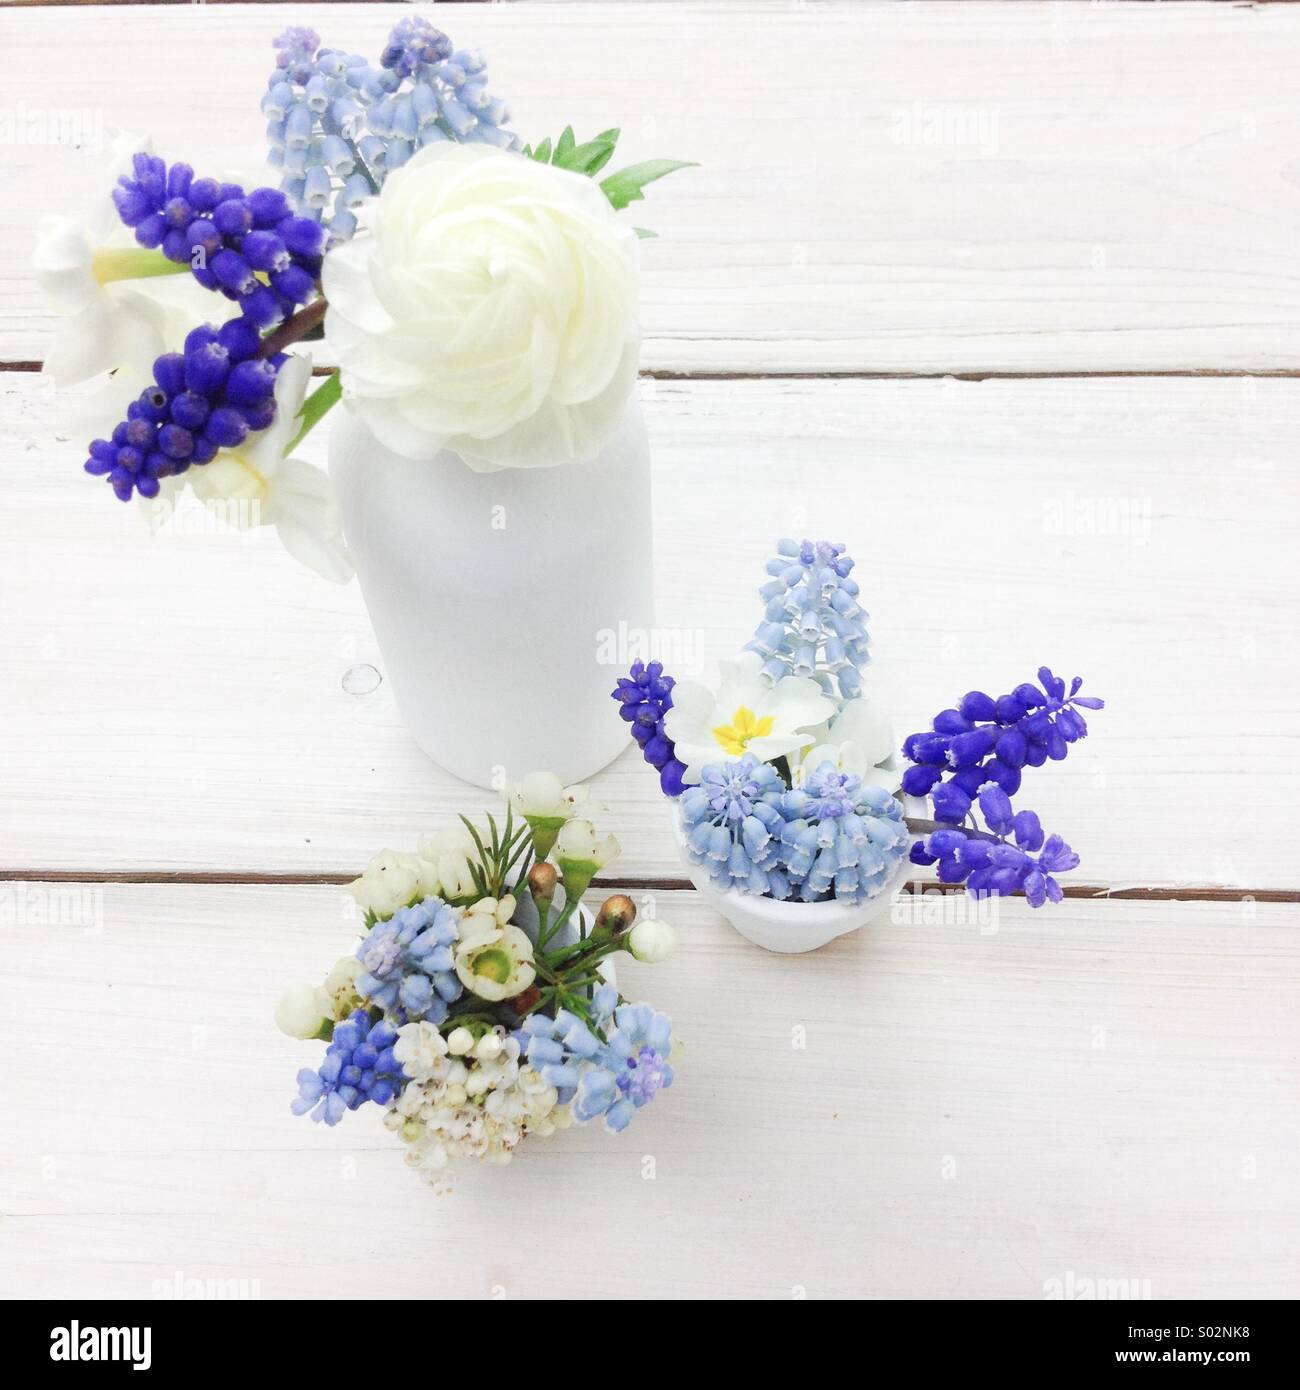 Drei Blaue Weisse Feder Blumenstrausse In Weissen Milchflaschen